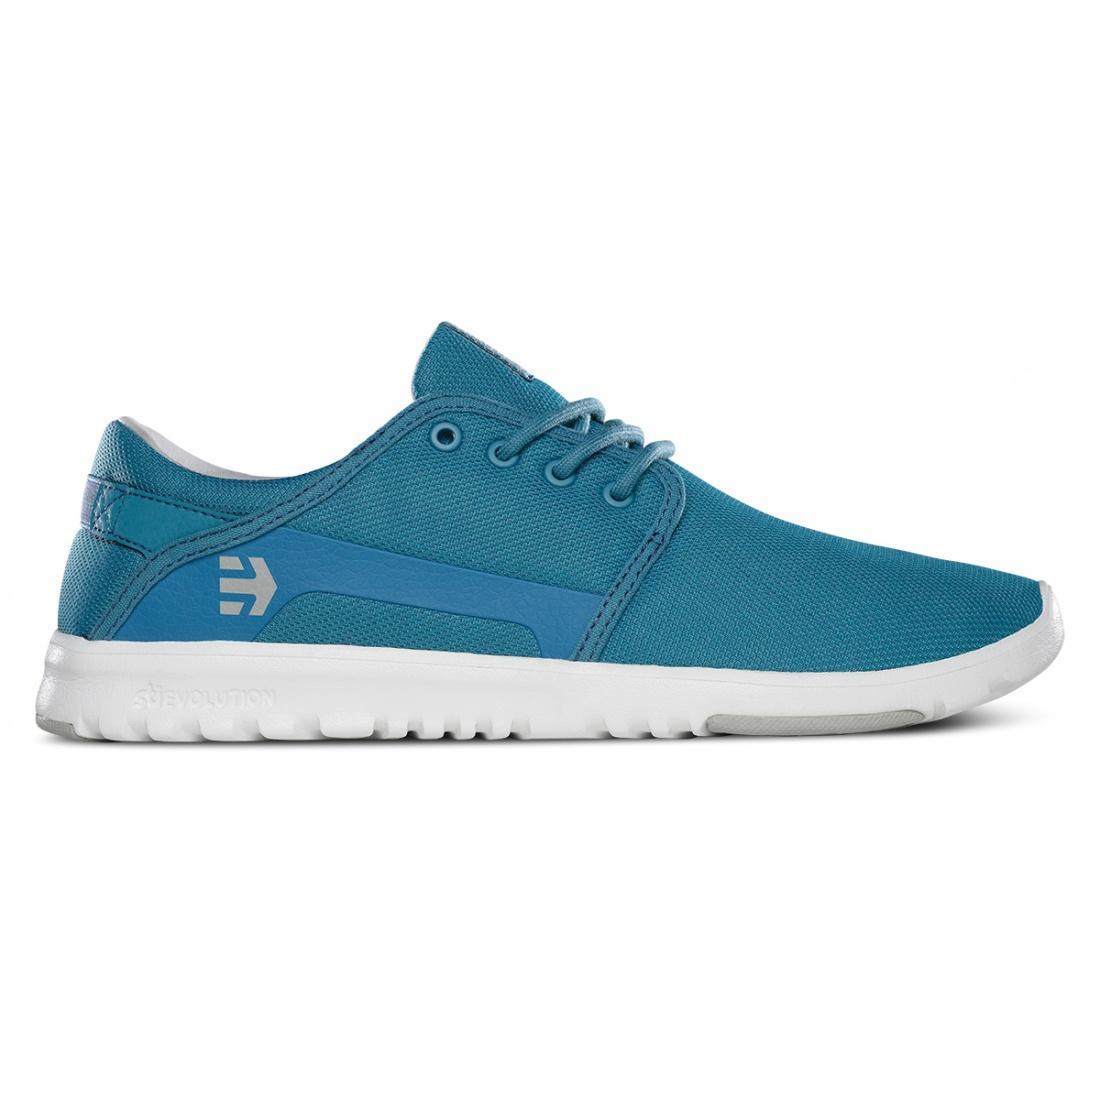 ETN-Scout Blue/Grey Shoes 9.5 US 42.5 EU